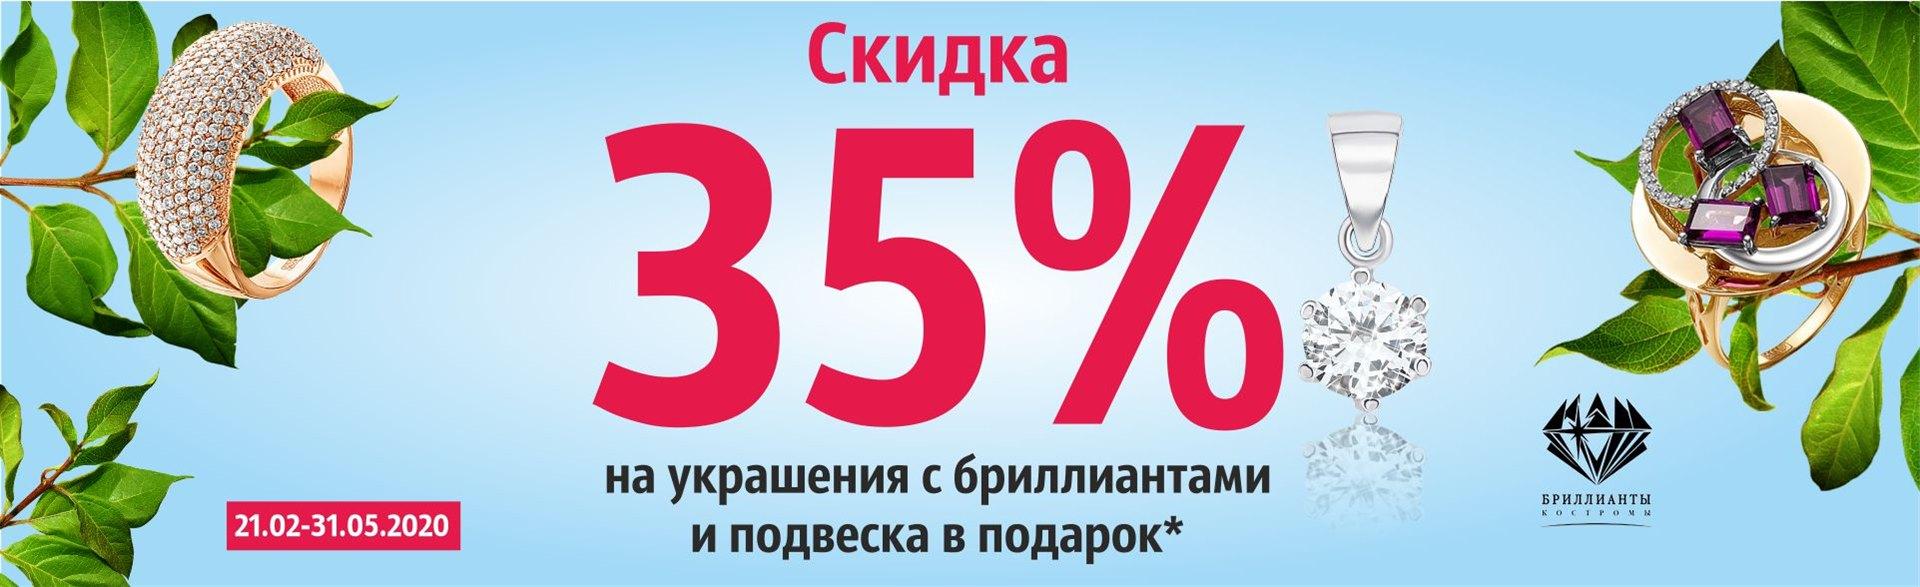 https://www.almazcom.ru/pub/img/QA/actions_archive/zaglushka_v_aktsiyu_brillianty_kostromy_31.05.jpg